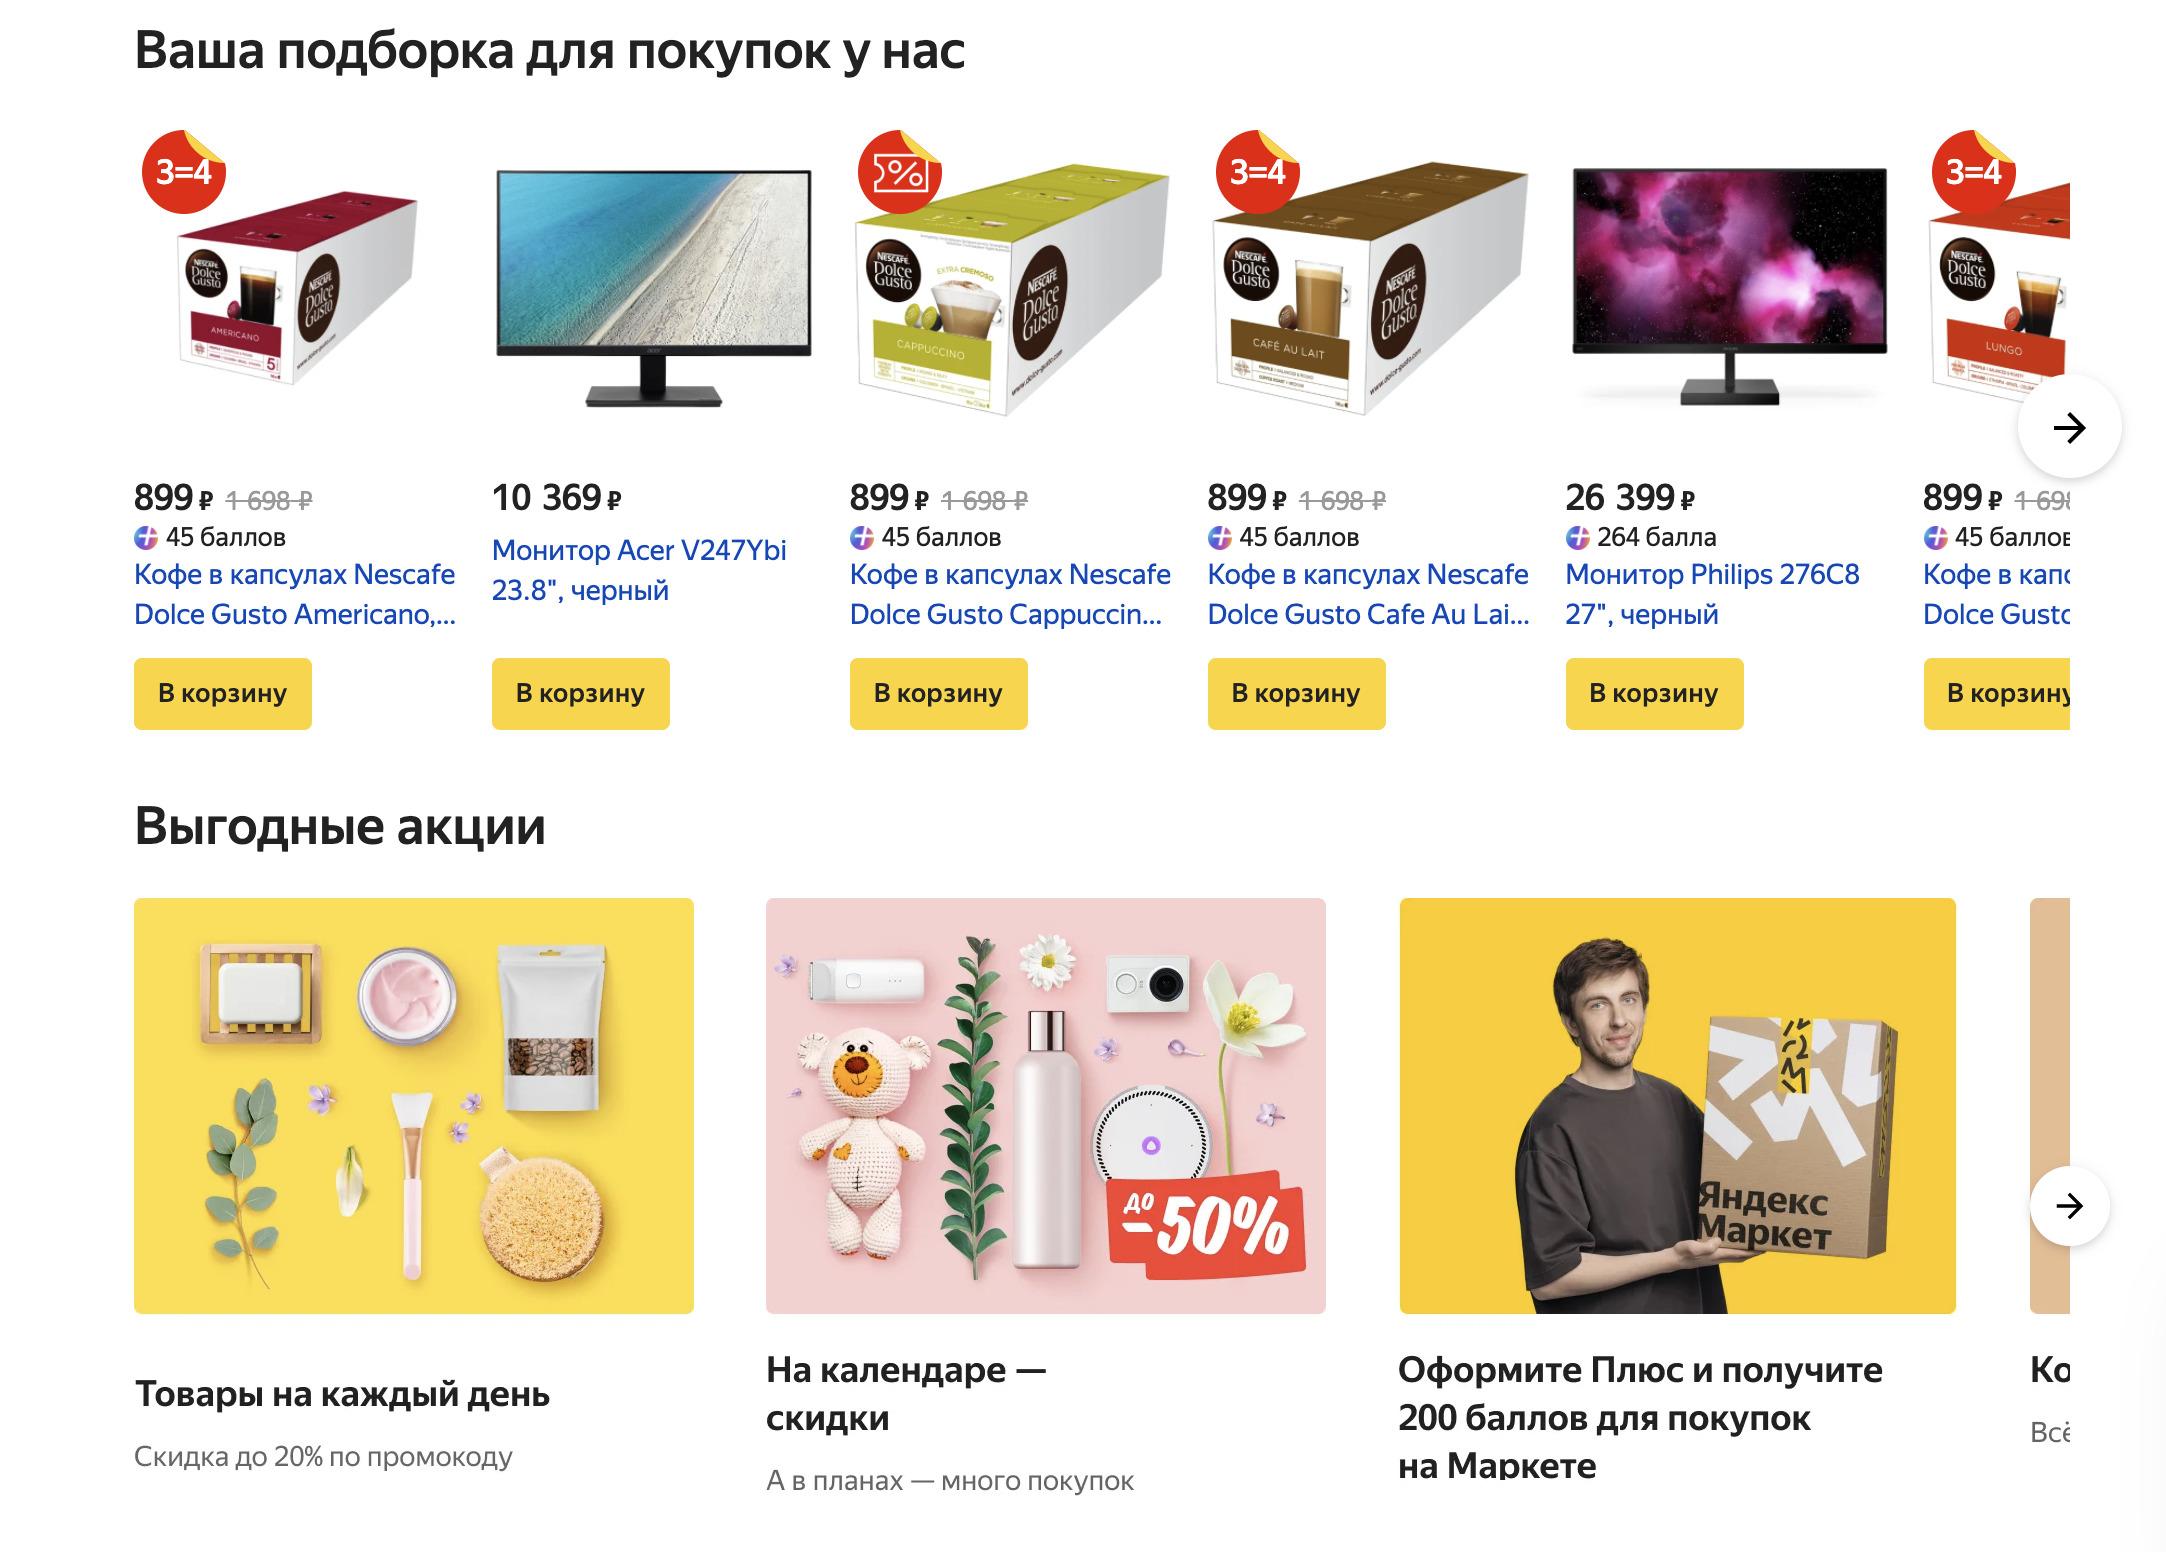 Доставка из Яндекс.Маркет в Челябинскую область, сроки, пункты выдачи, каталог